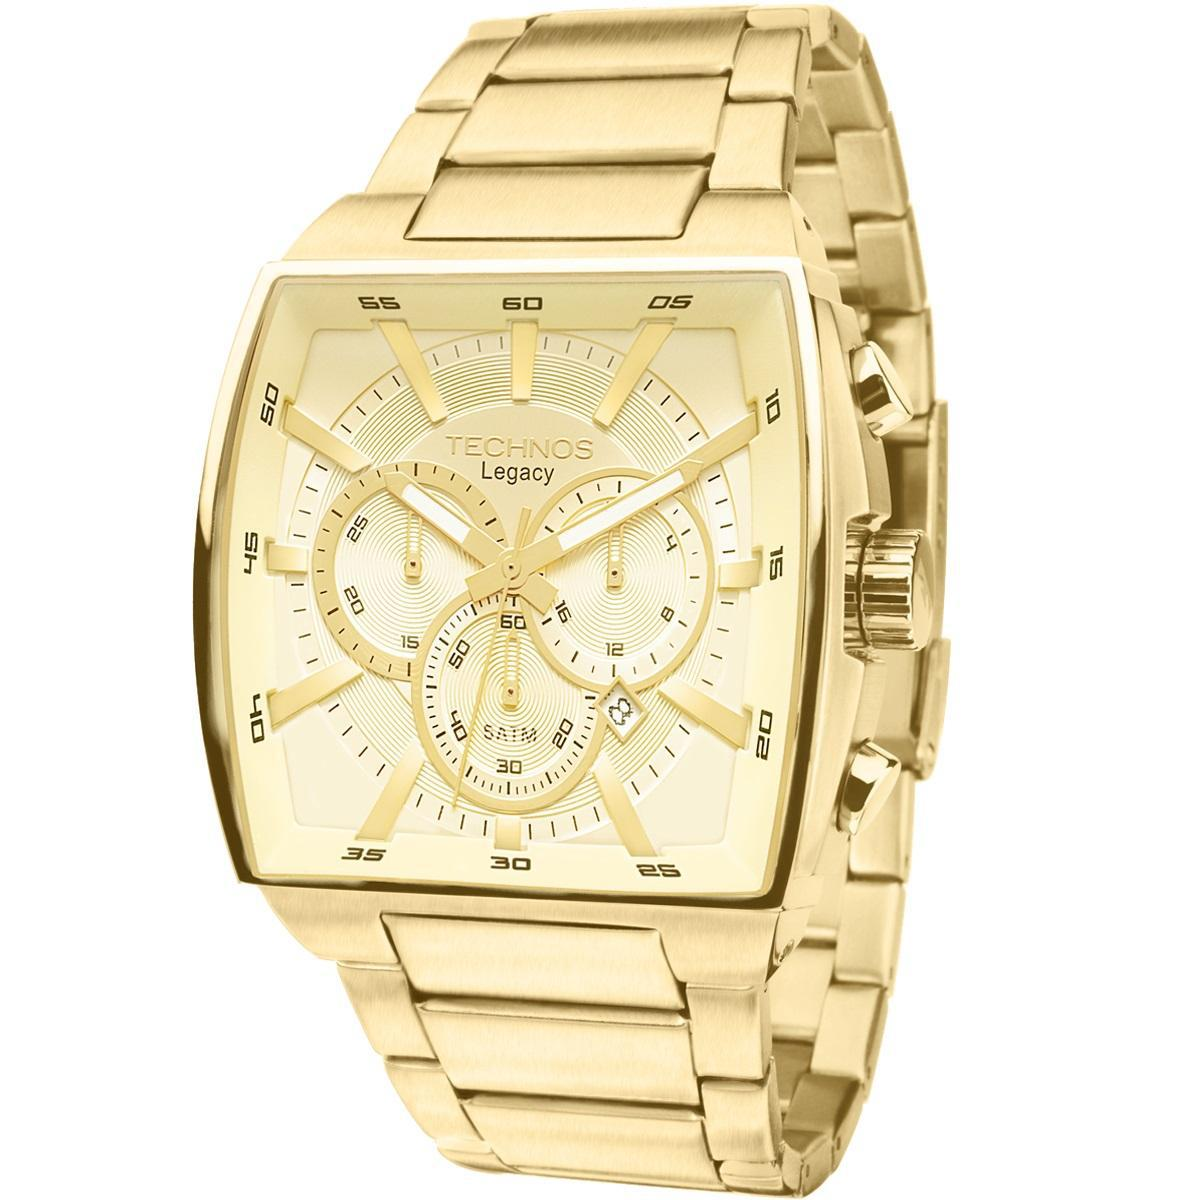 89e1b907326 Relógio Masculino Technos Classic Legacy JS25AL 4X 45mm Dourado Produto não  disponível